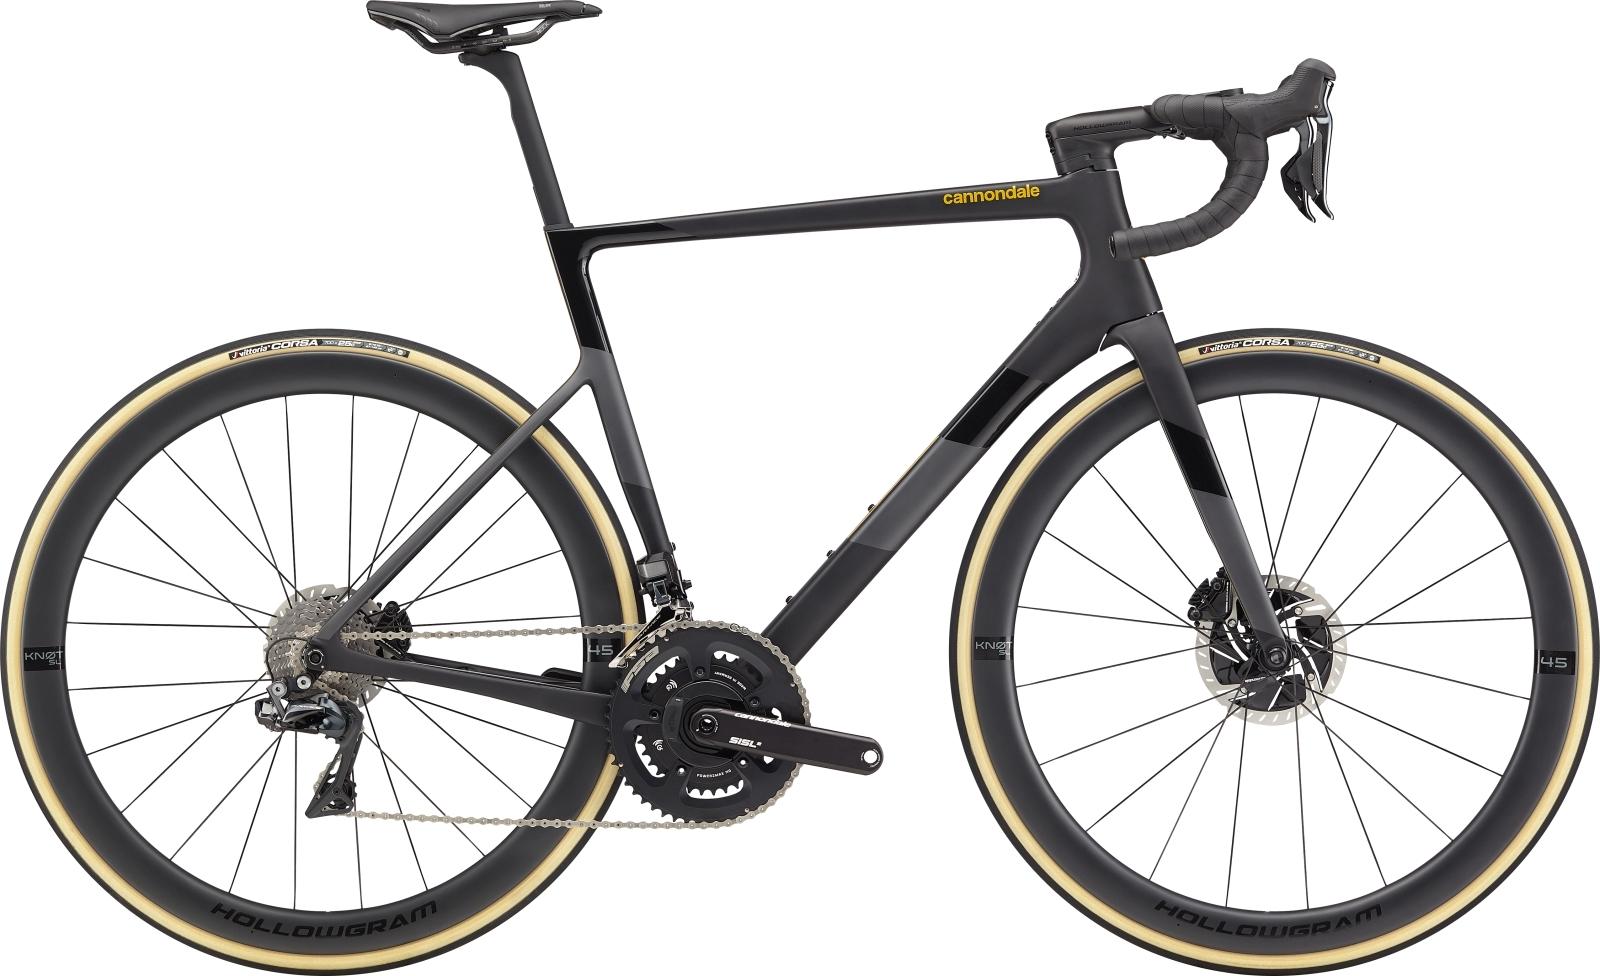 Cannondale Super Six Evo Hi-Mod Disc D/A Di2 országúti kerékpár - fekete - 54 cm (2020)